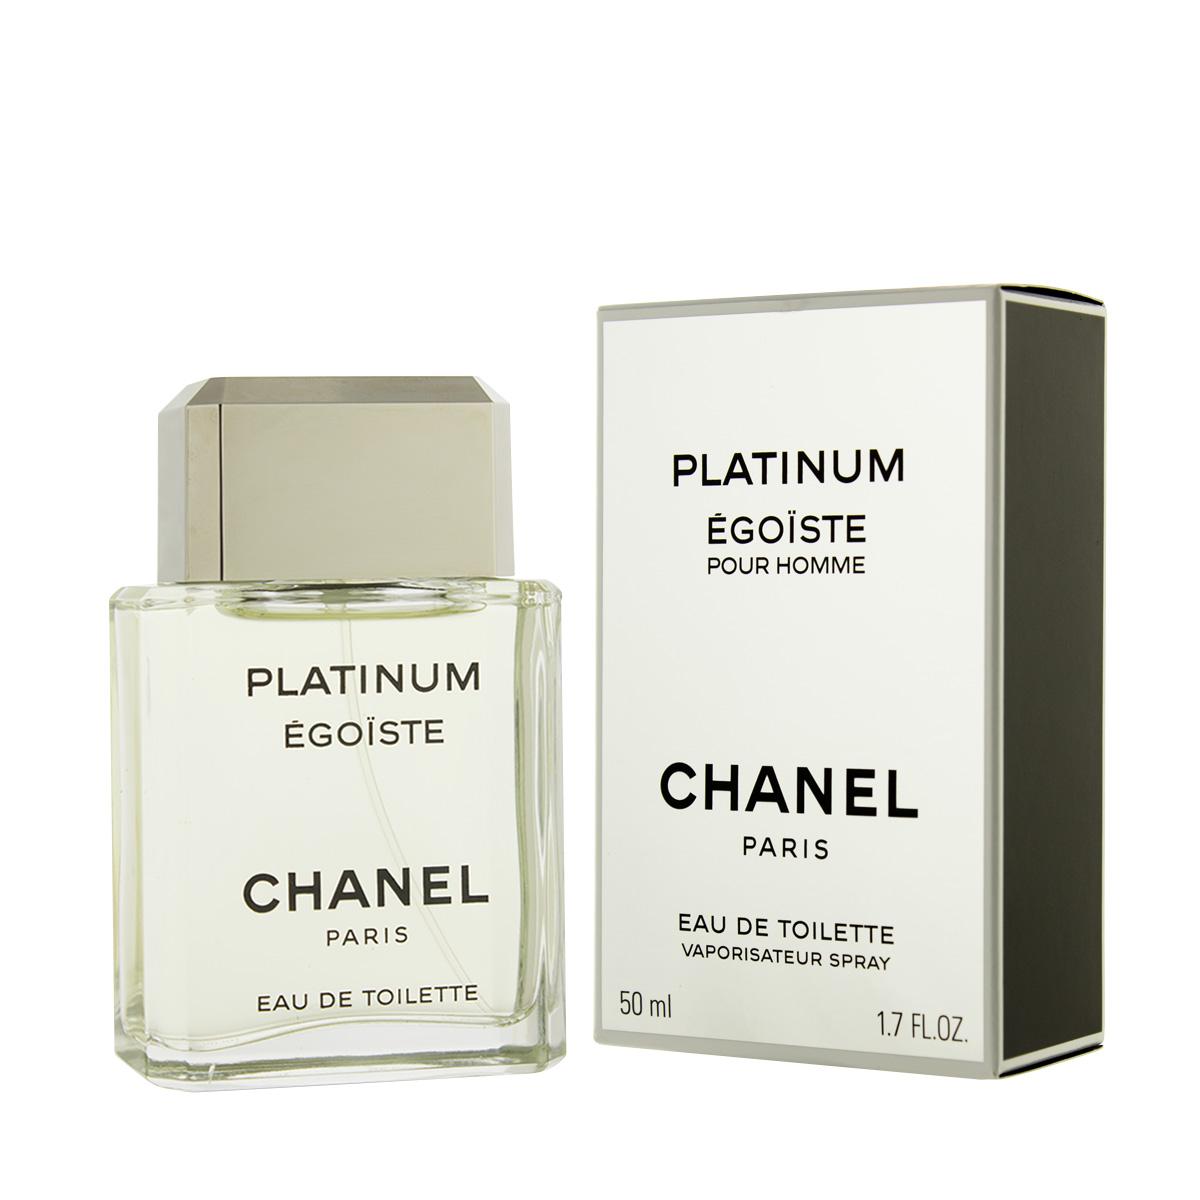 Chanel Egoiste Platinum Pour Homme Eau De Toilette 50 ml (man) 43876